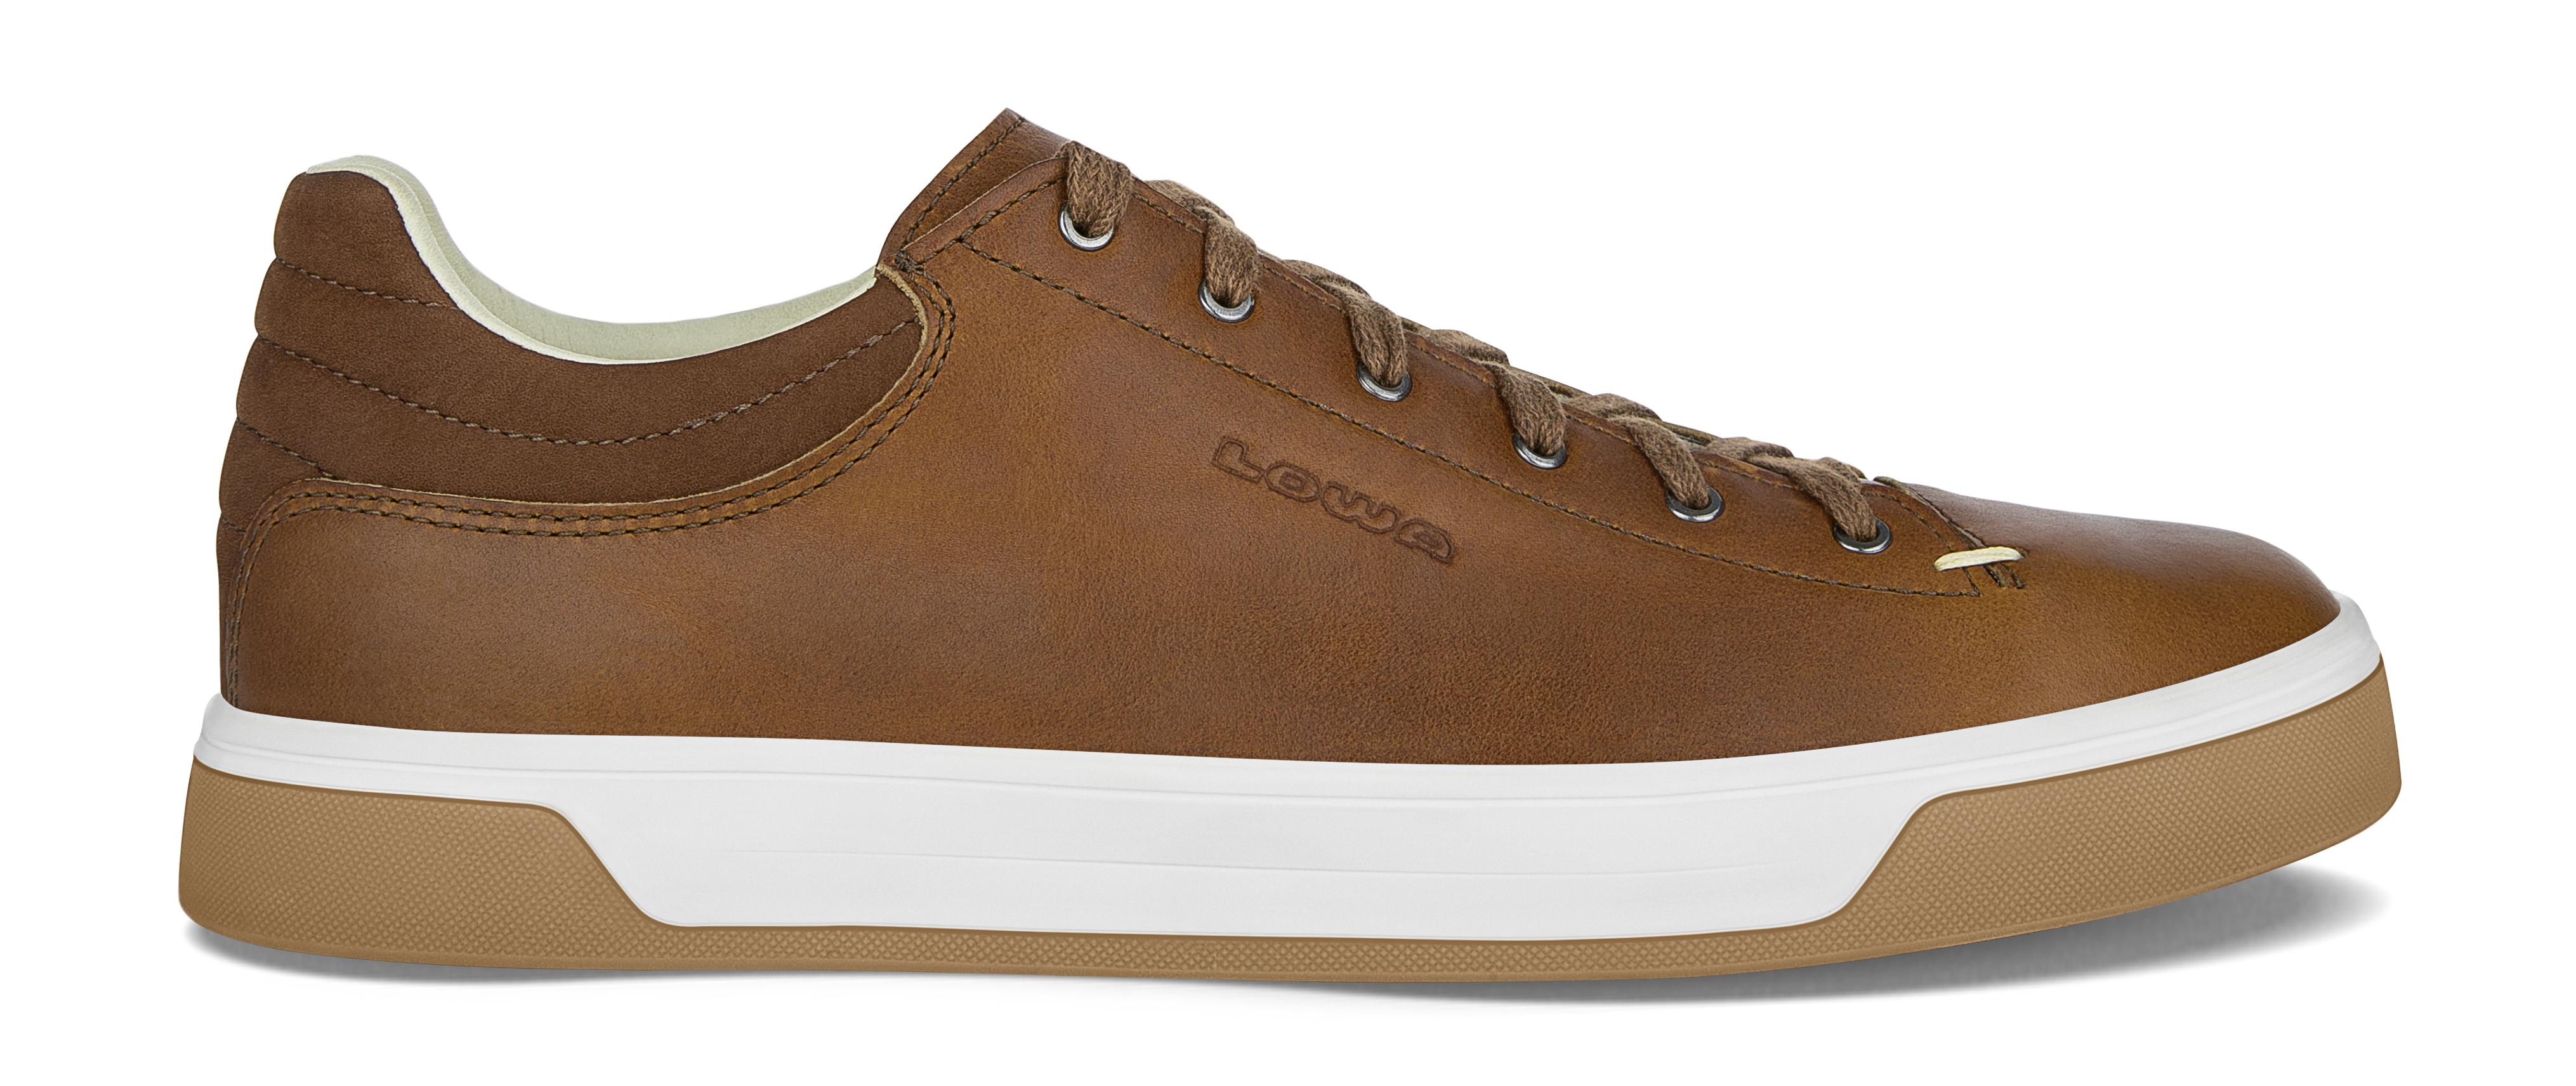 Lowa Rimini LL - Shoes - Men's